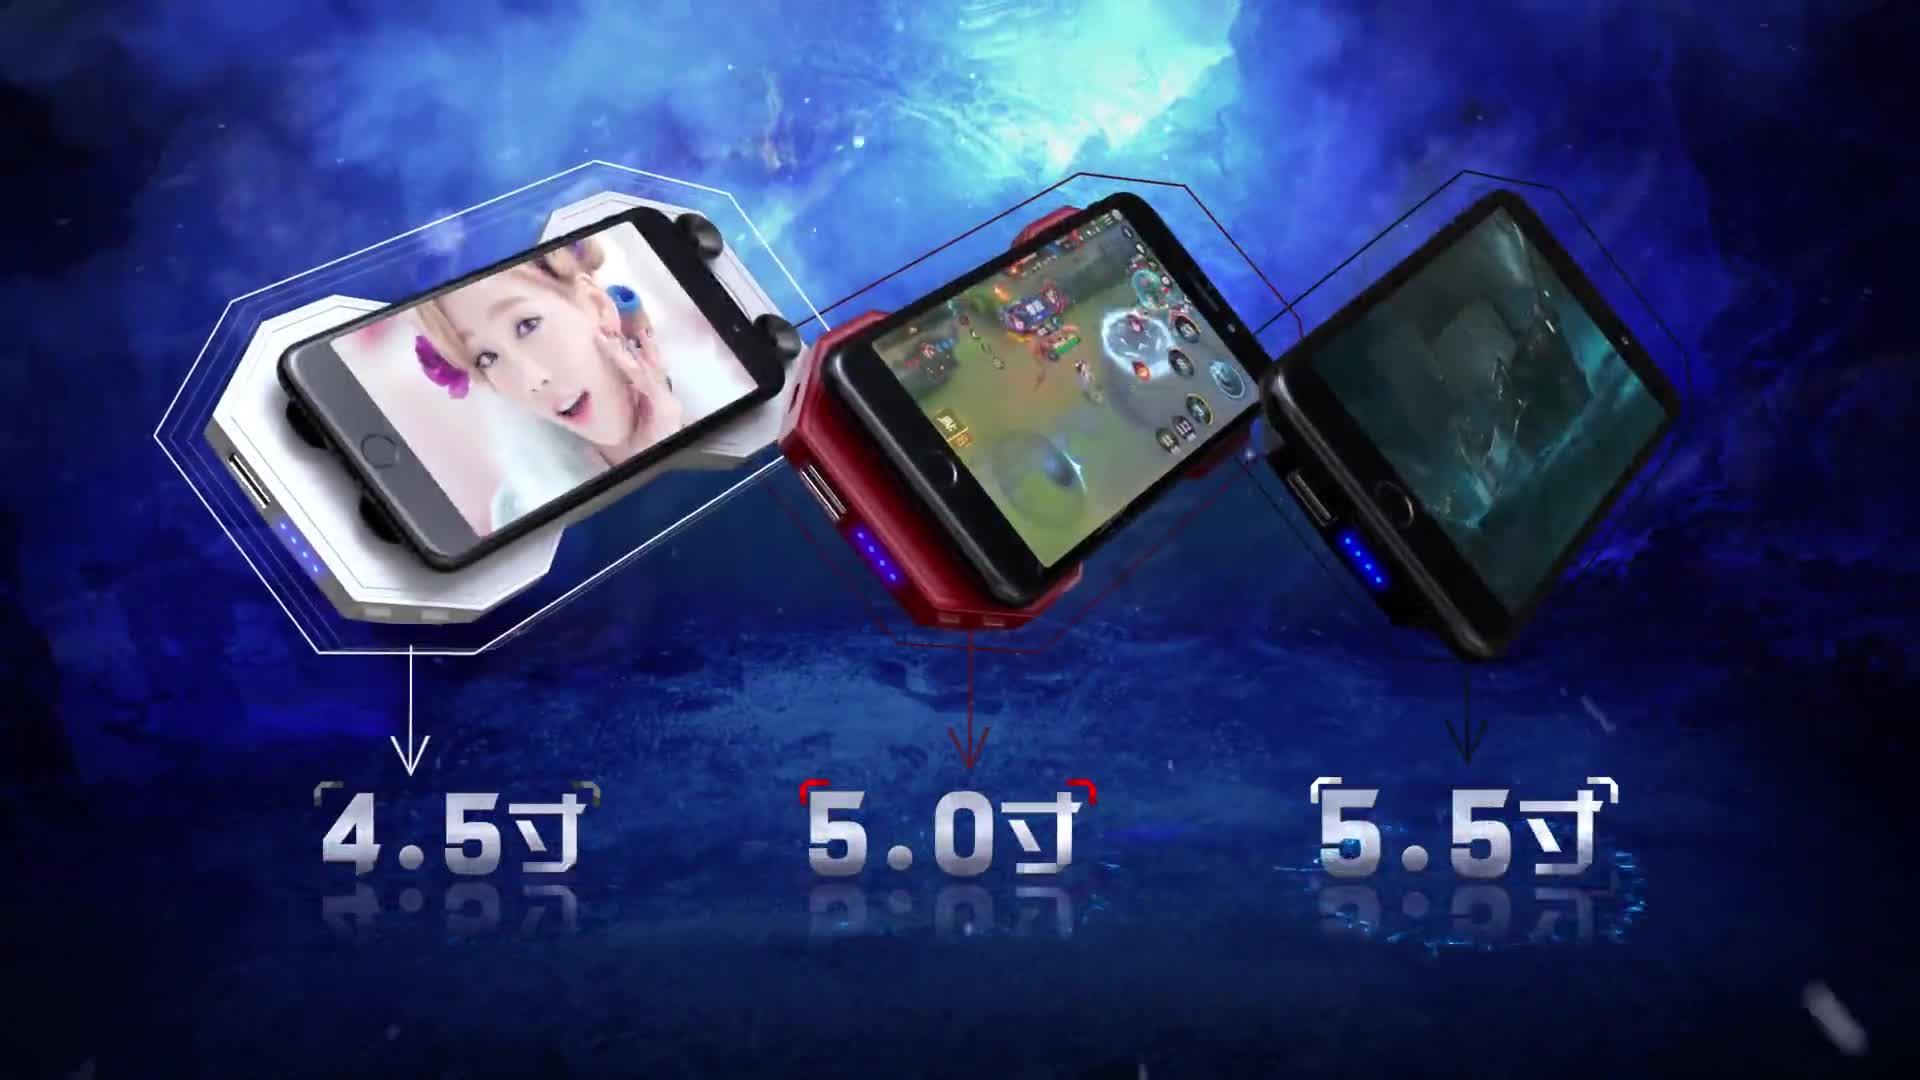 טלפון Cooler 5V כוח נייד Smartphone קירור רדיאטור Stand טלפון קירור מחזיק